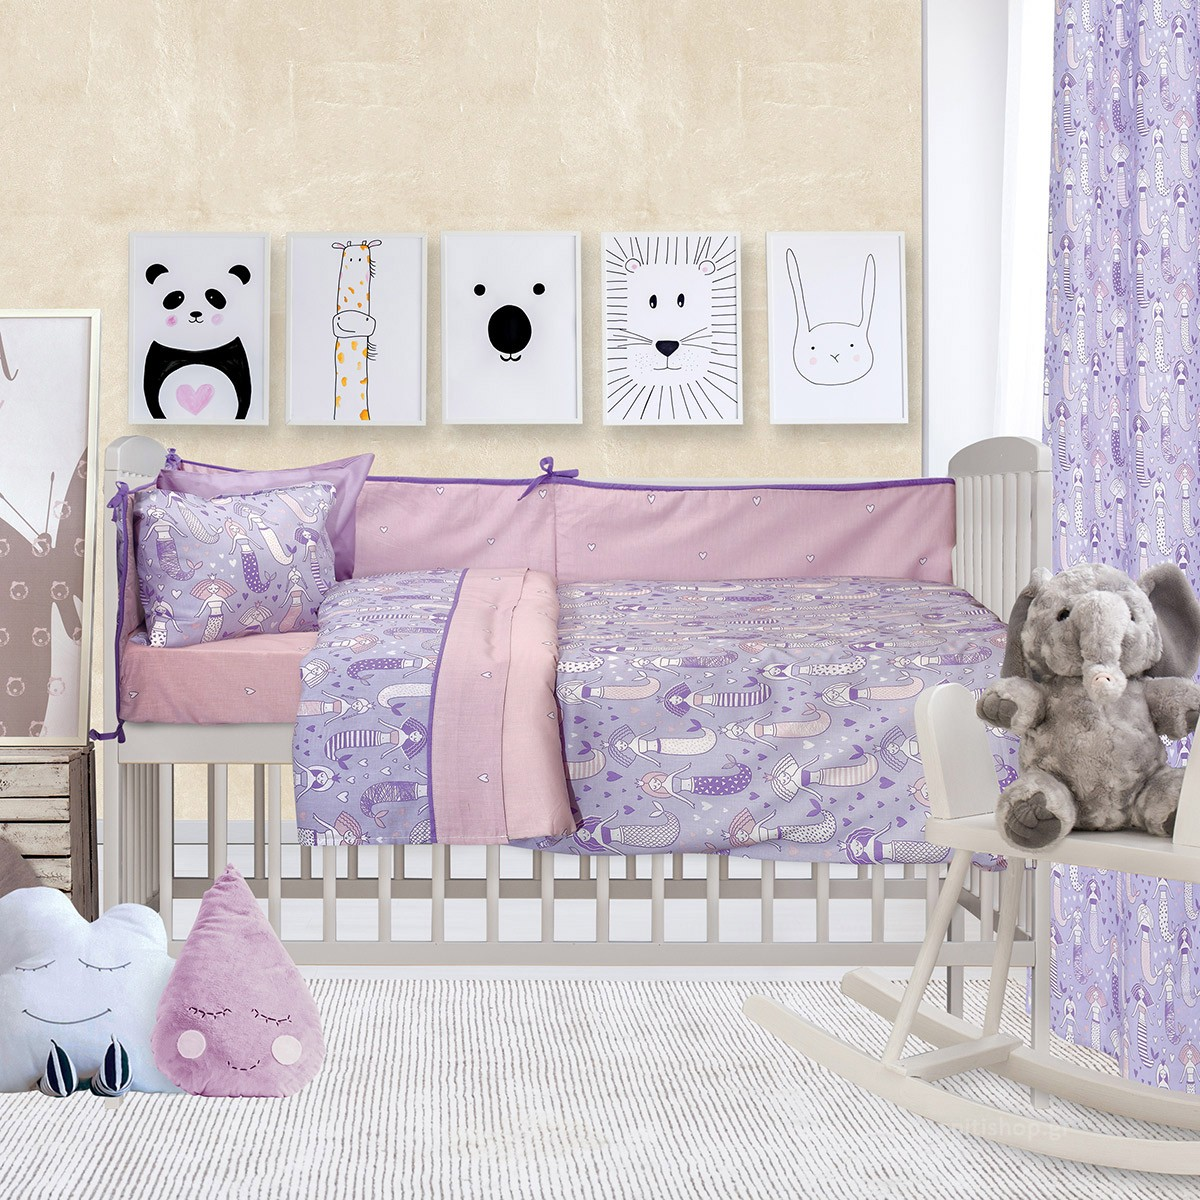 Κουβερλί Κούνιας Das Home Fun Prints 6450 89867